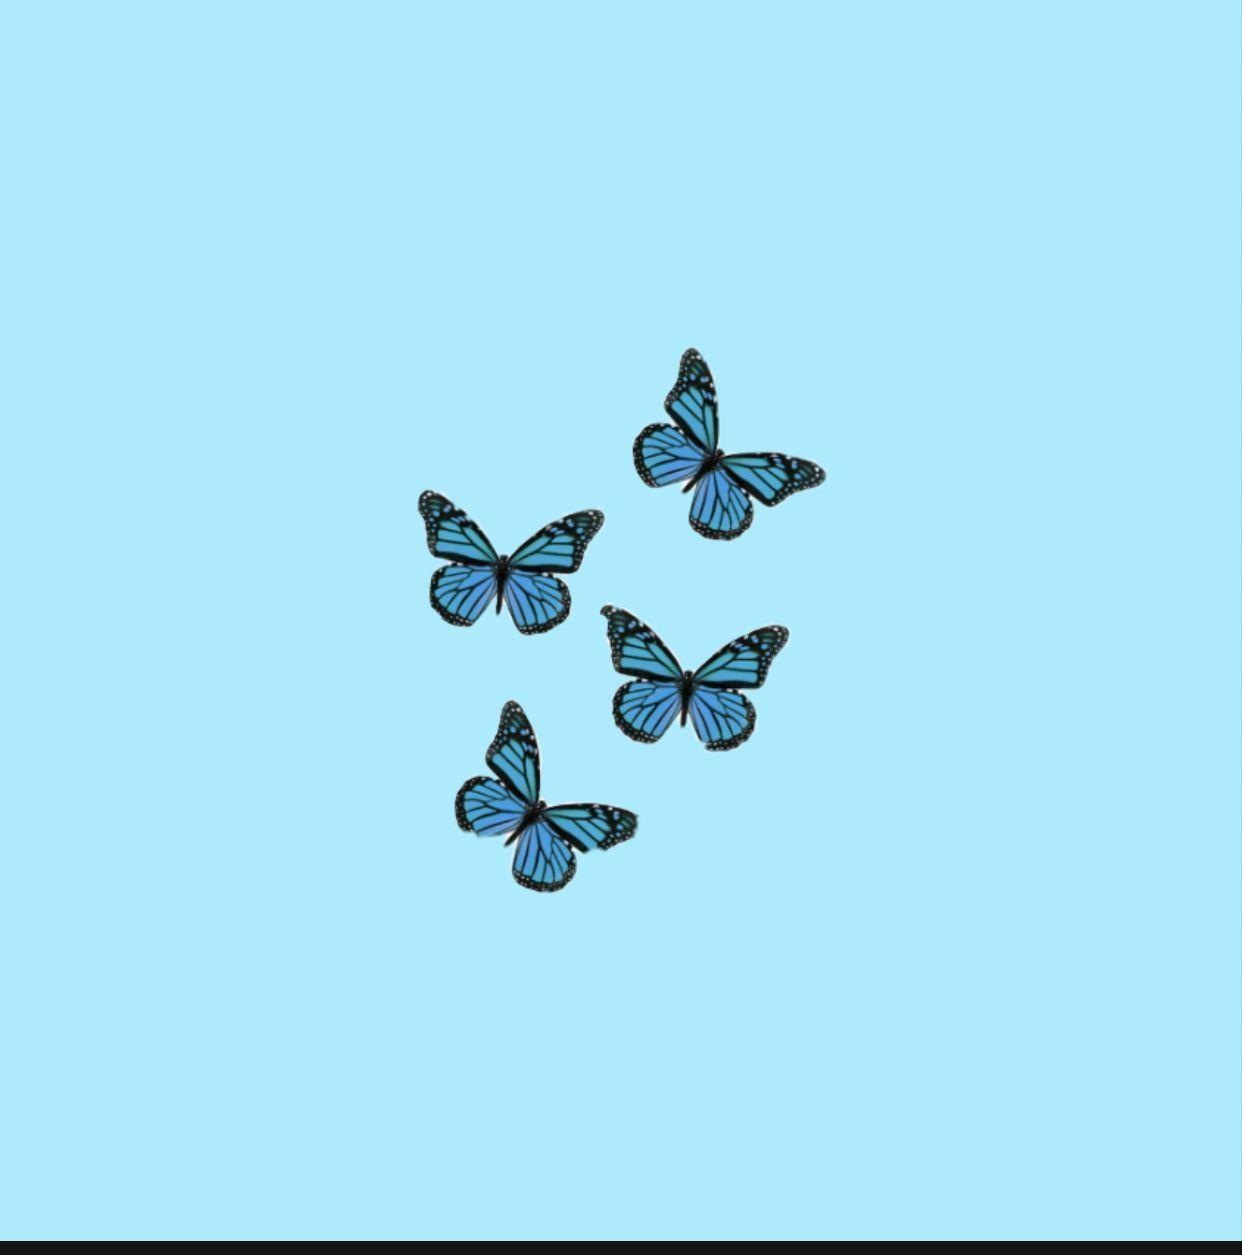 Aesthetic Butterfly Wallpaper In 2020 Blue Aesthetic Pastel Light Blue Aesthetic Baby Blue Aesthetic